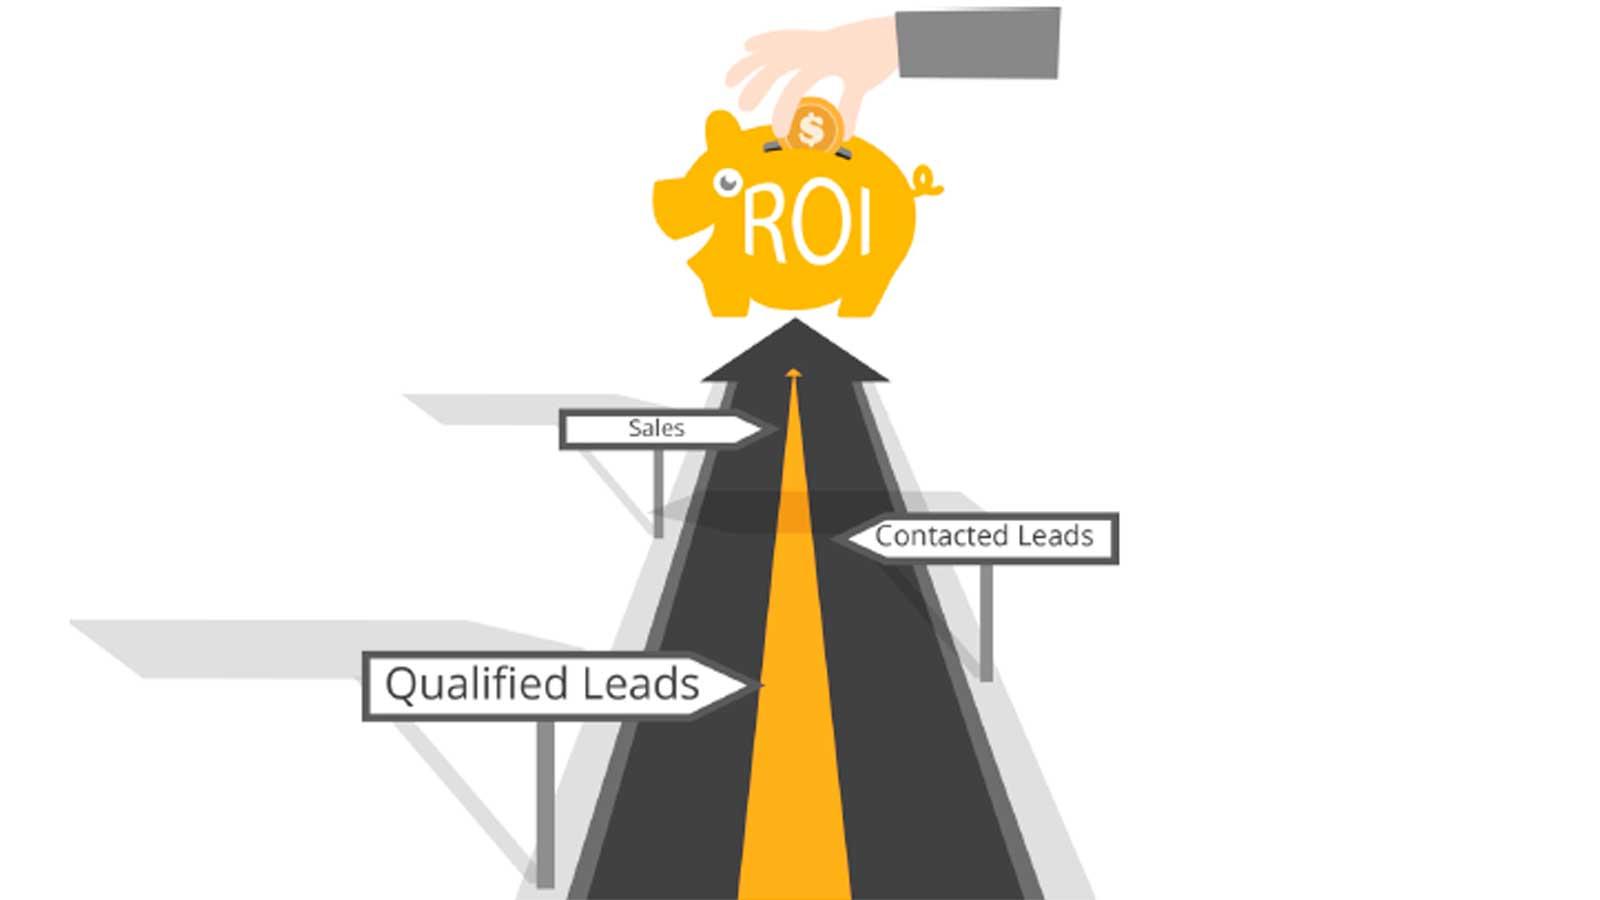 automatizacion-del-marketing-ayuda-a-mejorar-el-roi-de-campanas